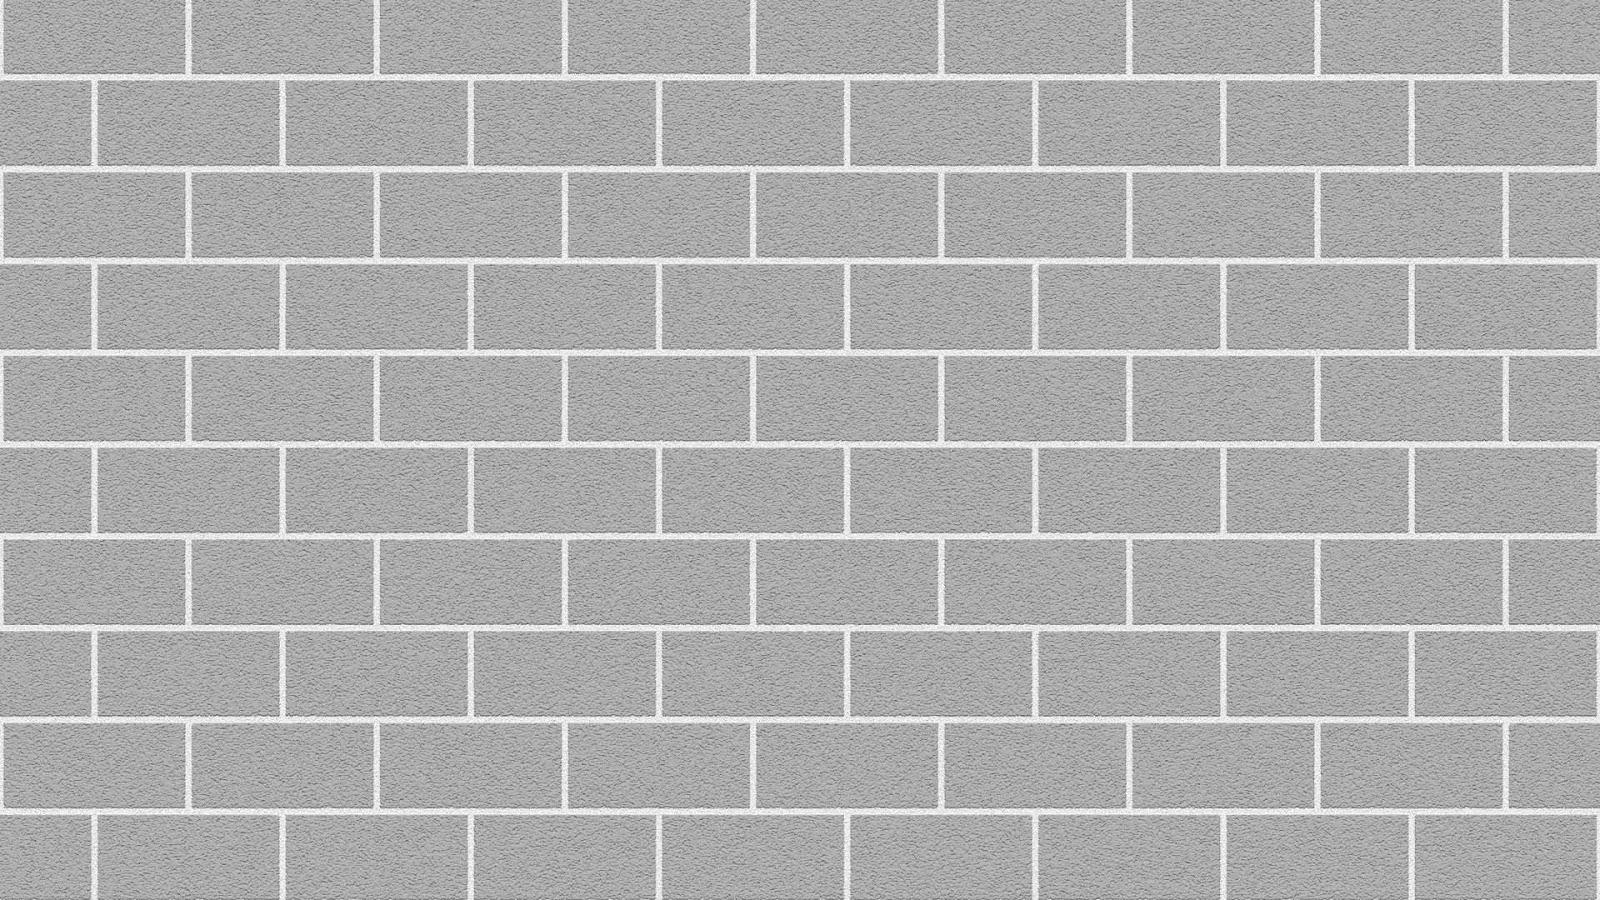 Bedden zelf bouwen ikea gehoor geven aan uw huis - Muur steen duidelijk ...